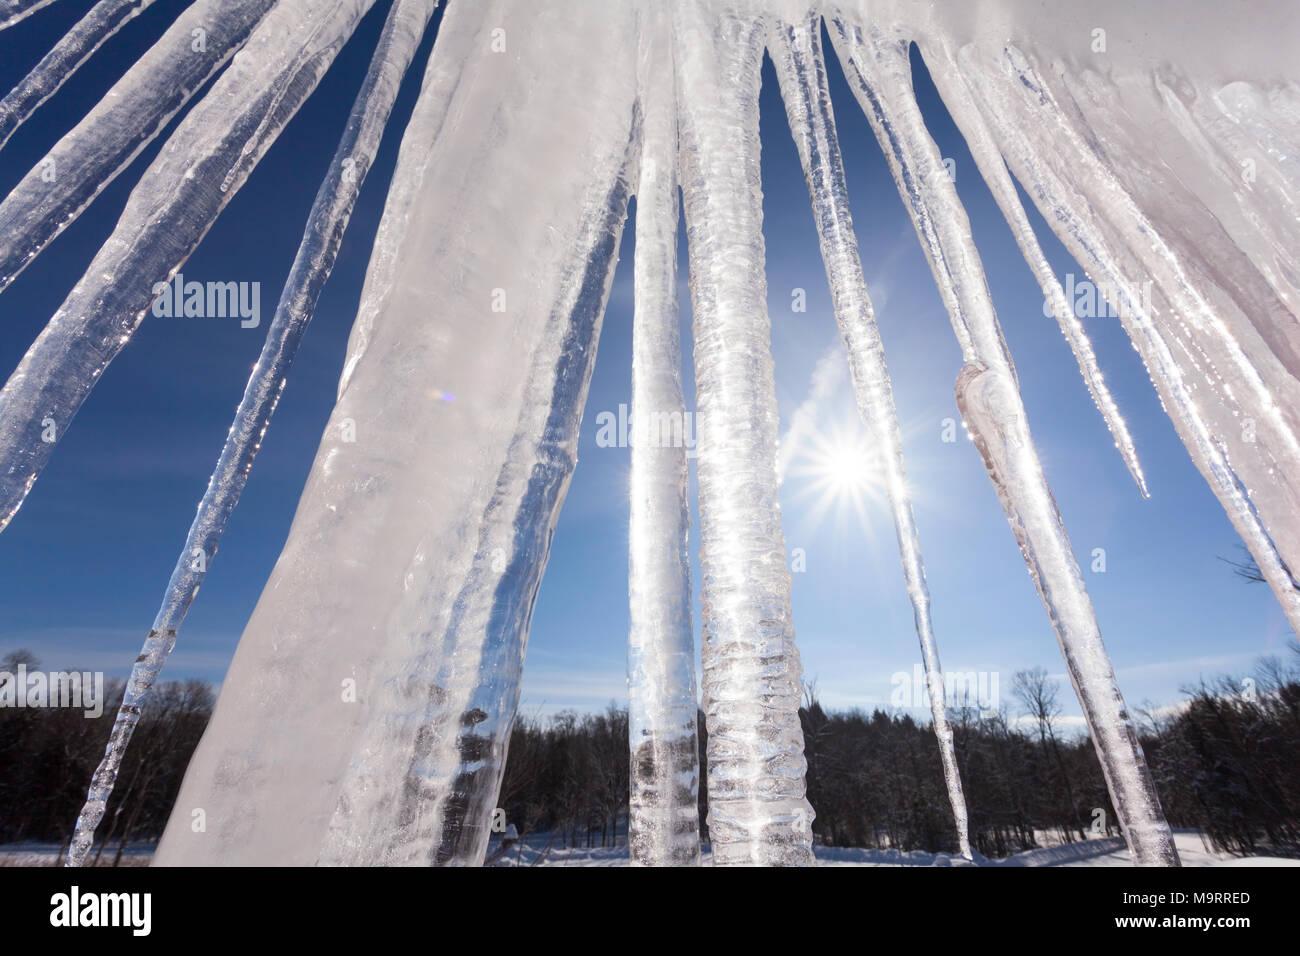 Grandi ghiaccioli appesi al sole di mezzogiorno. Foto Stock